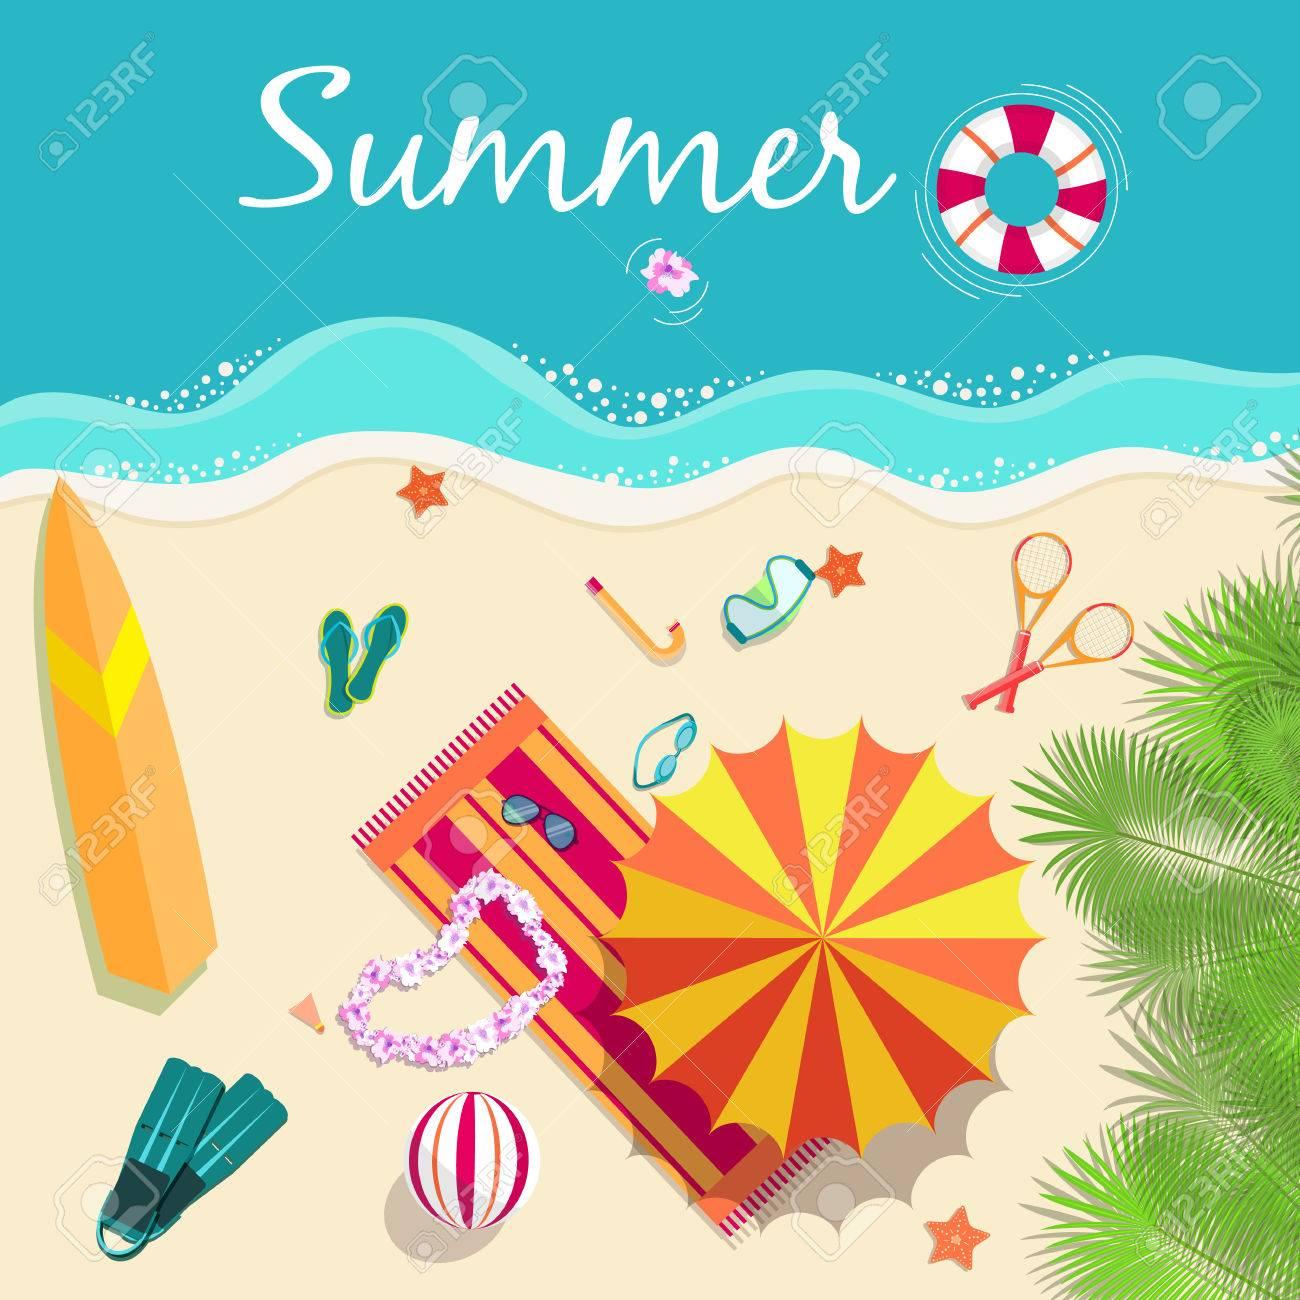 summer vecetion time background vector illustration concept - 34299264